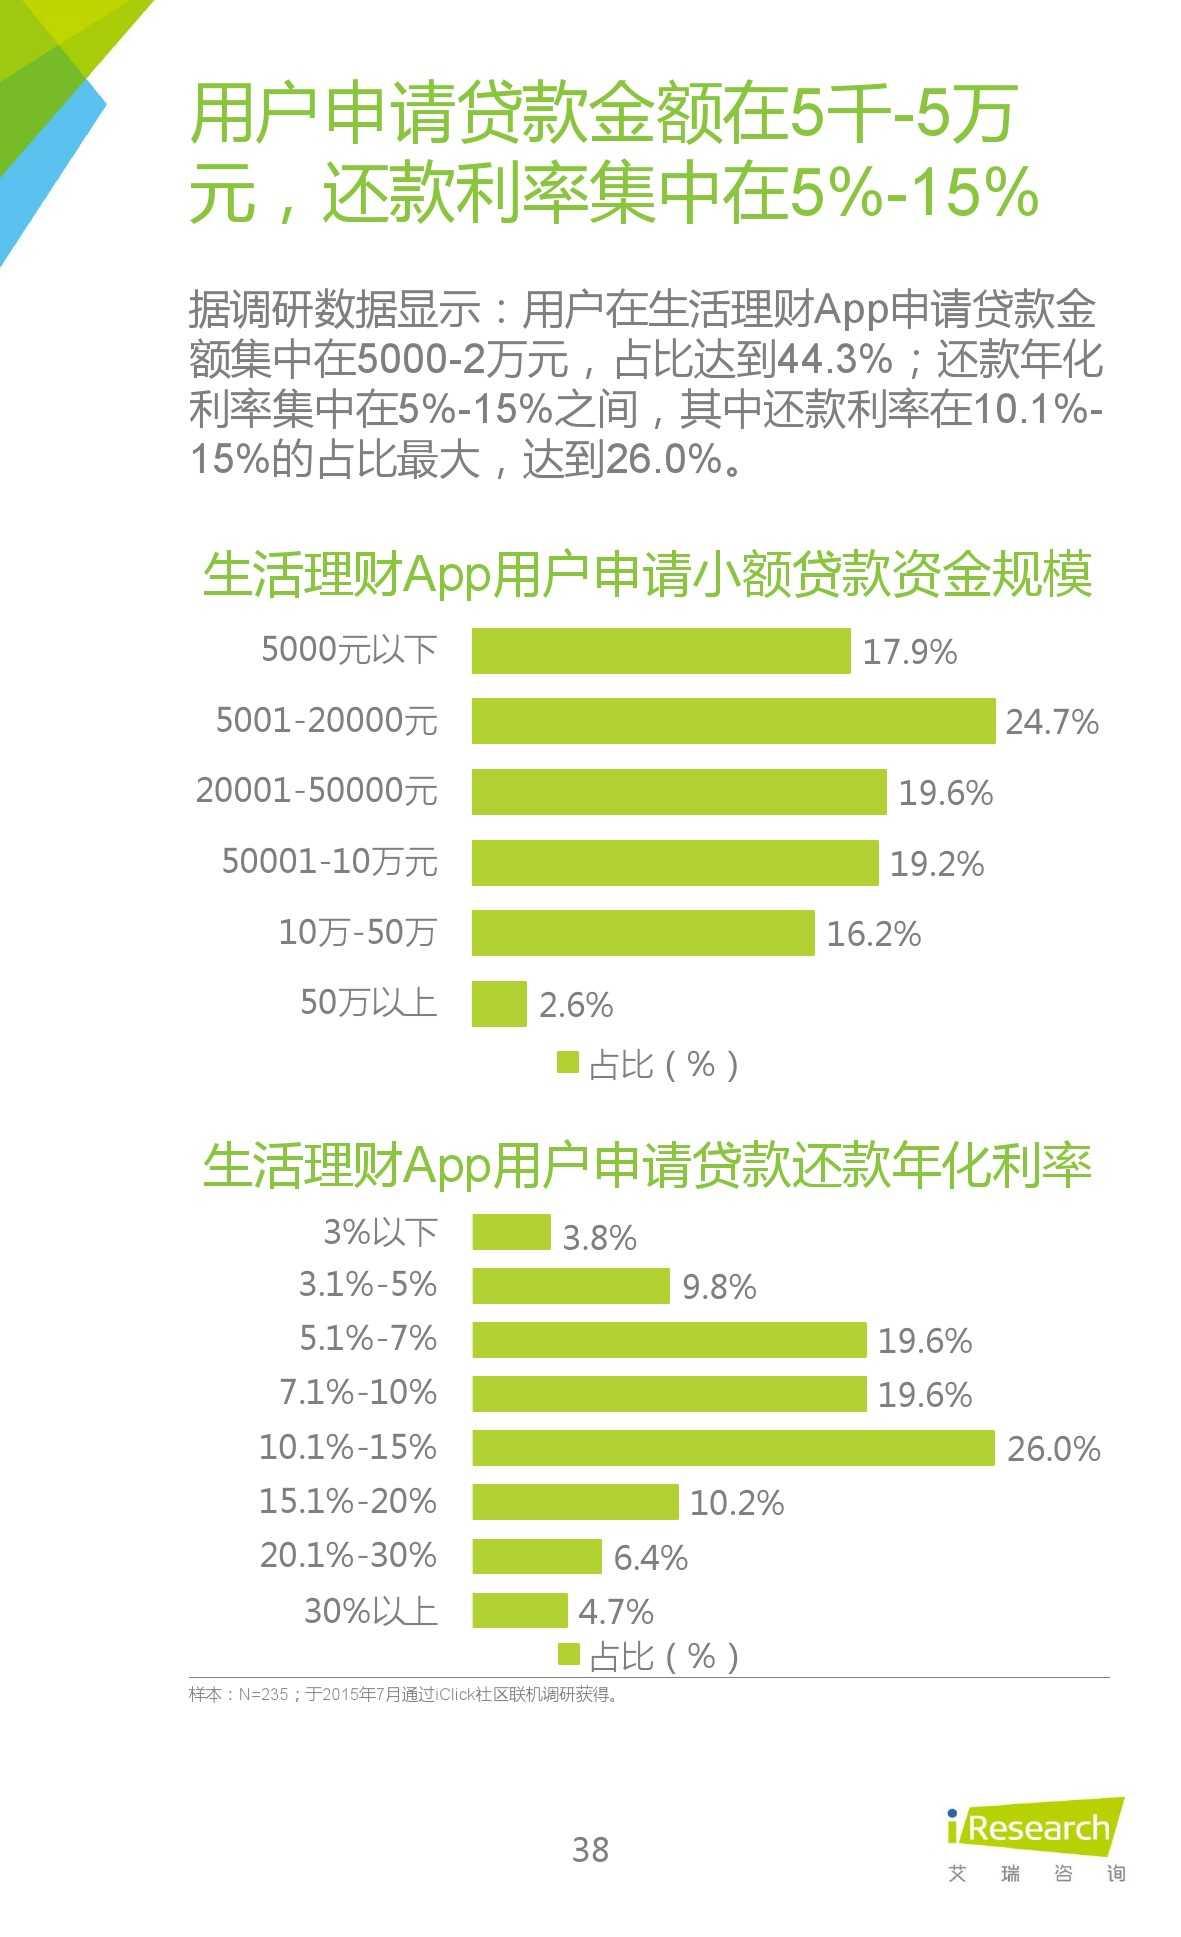 2015年中国生活理财移动App行业研究报告_000038